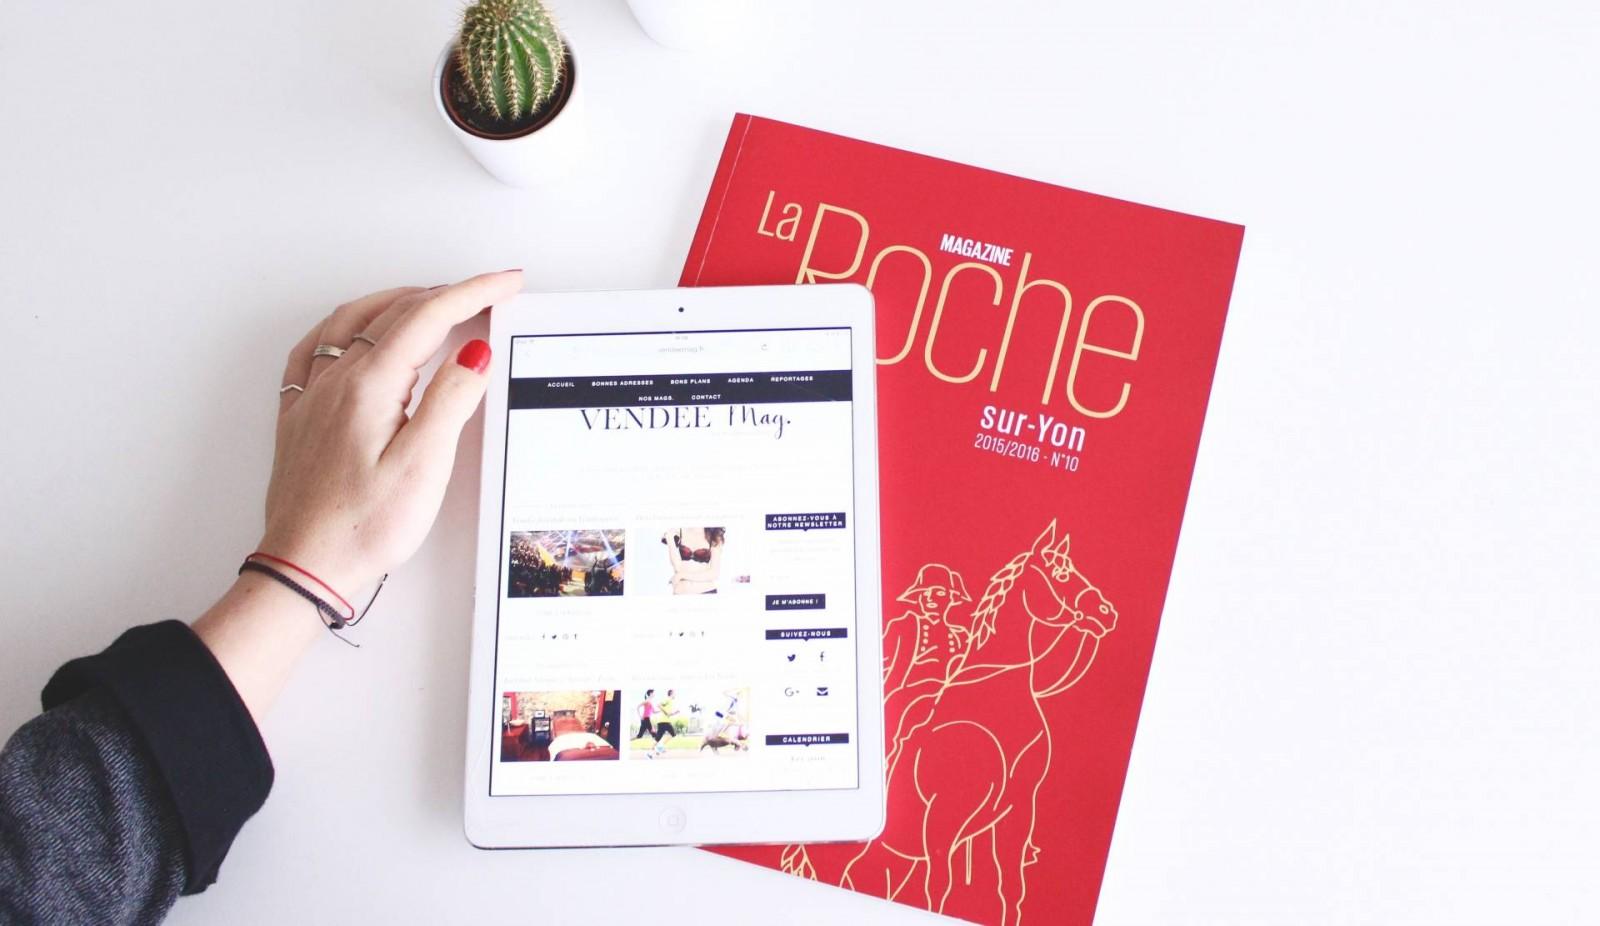 La Roche-sur-Yon Magazine